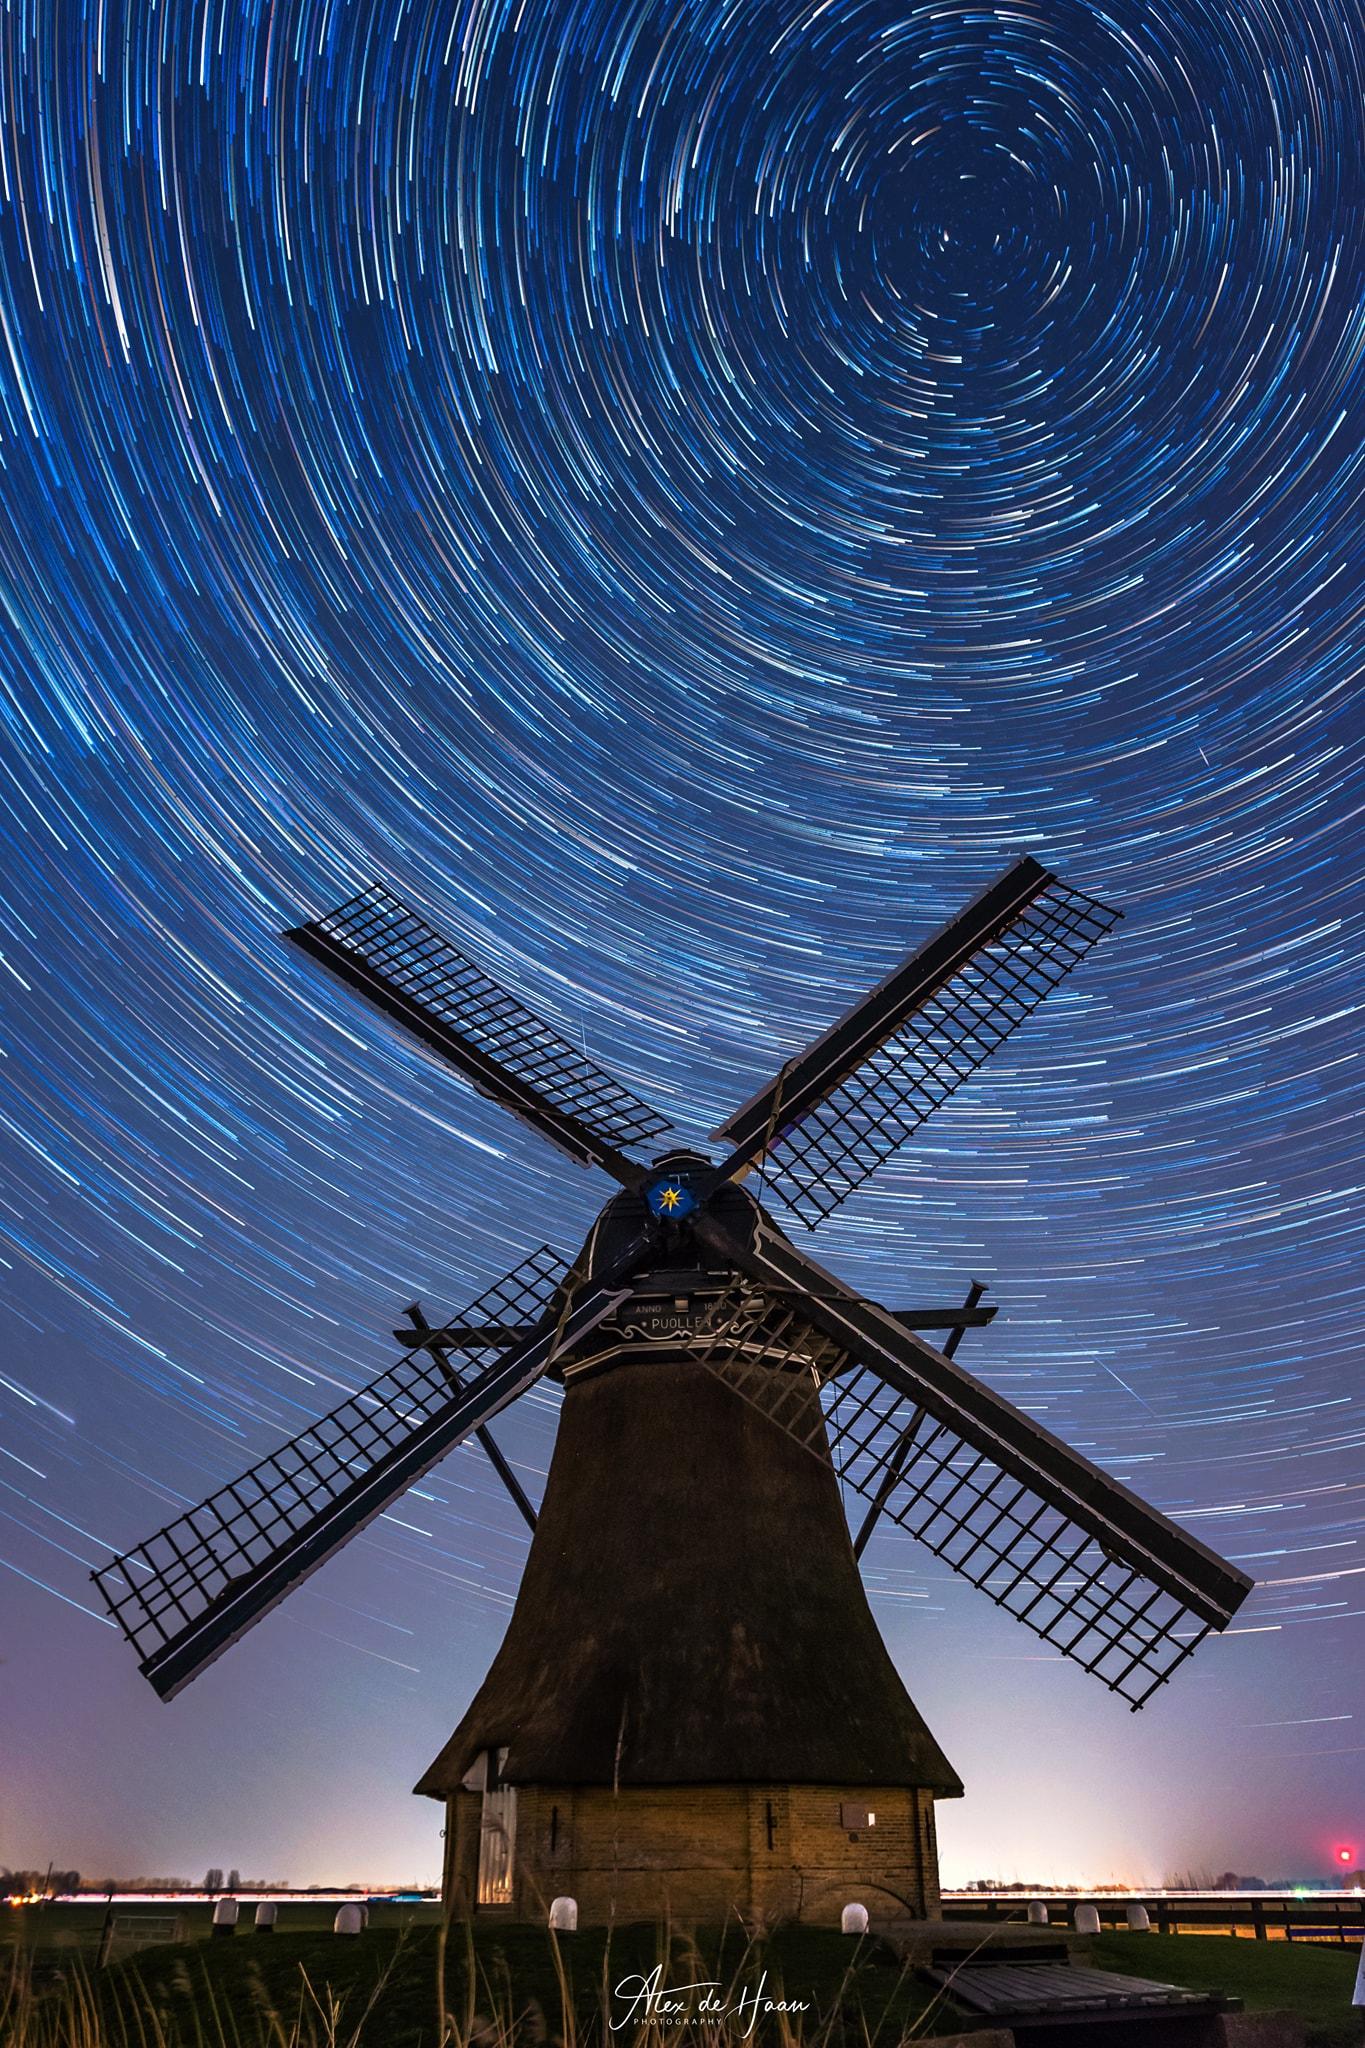 Star trails fotograferen, hoe fotografeer je star trails